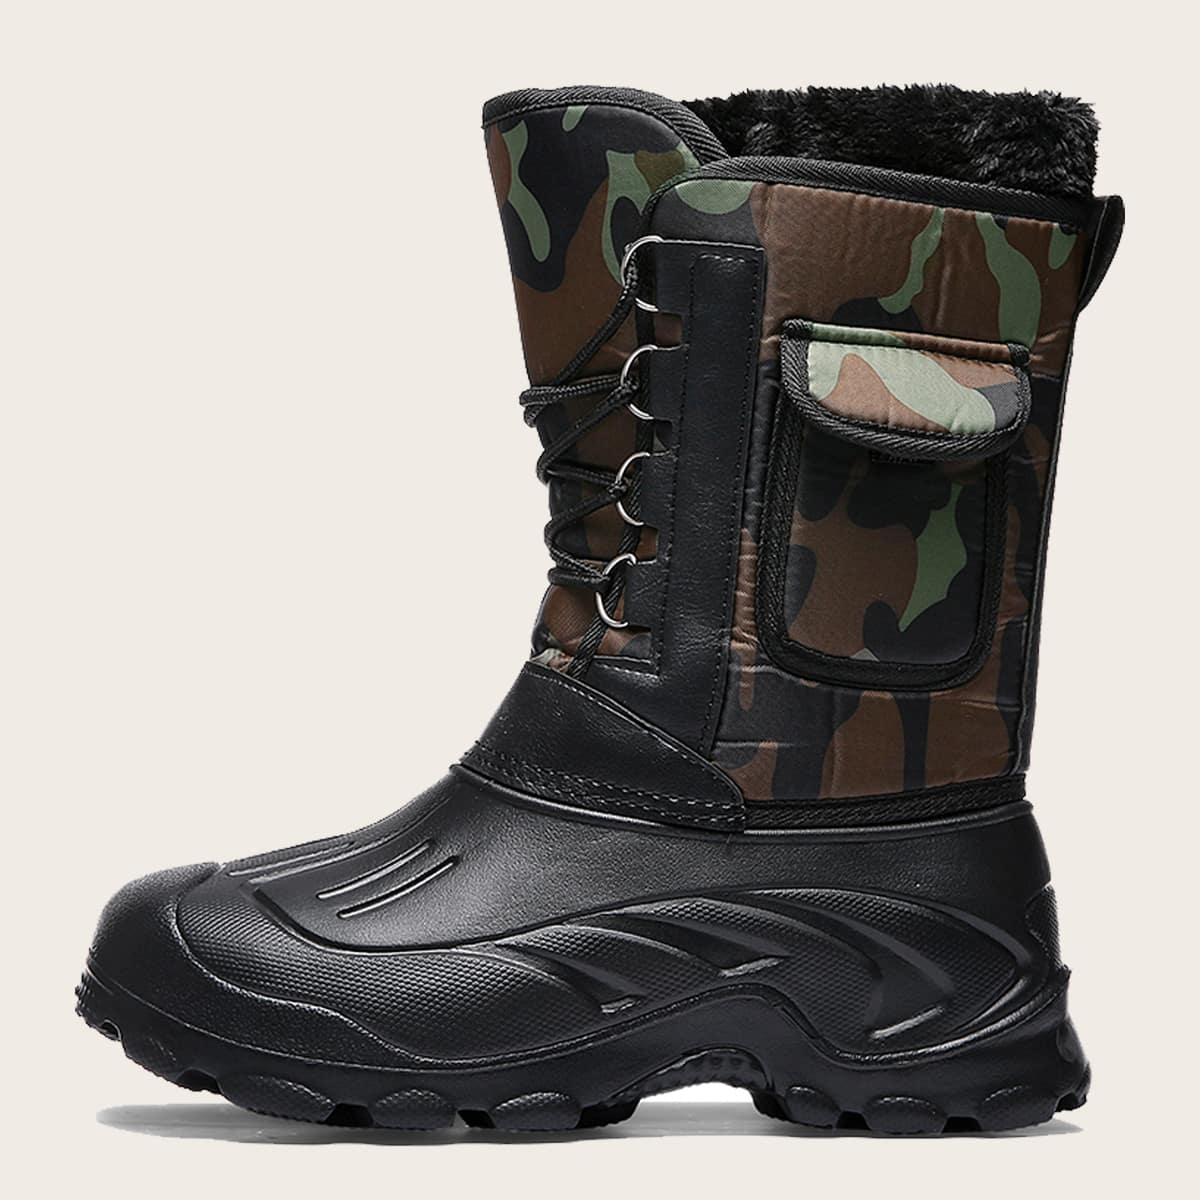 shein Laarzen verfraaid met veter voor heren met camouflagepatroon en zak